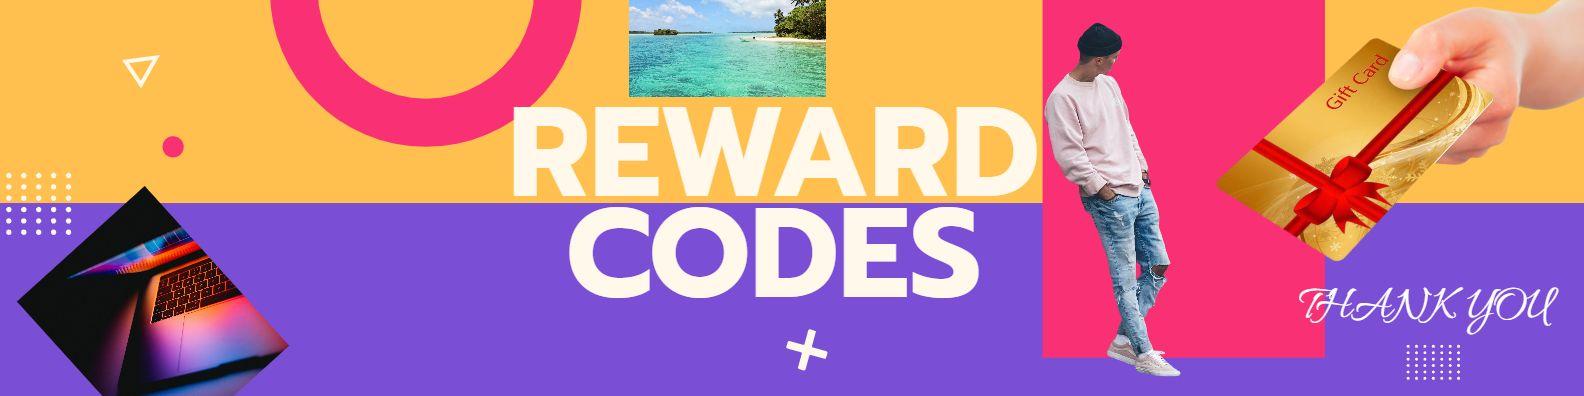 reward codes